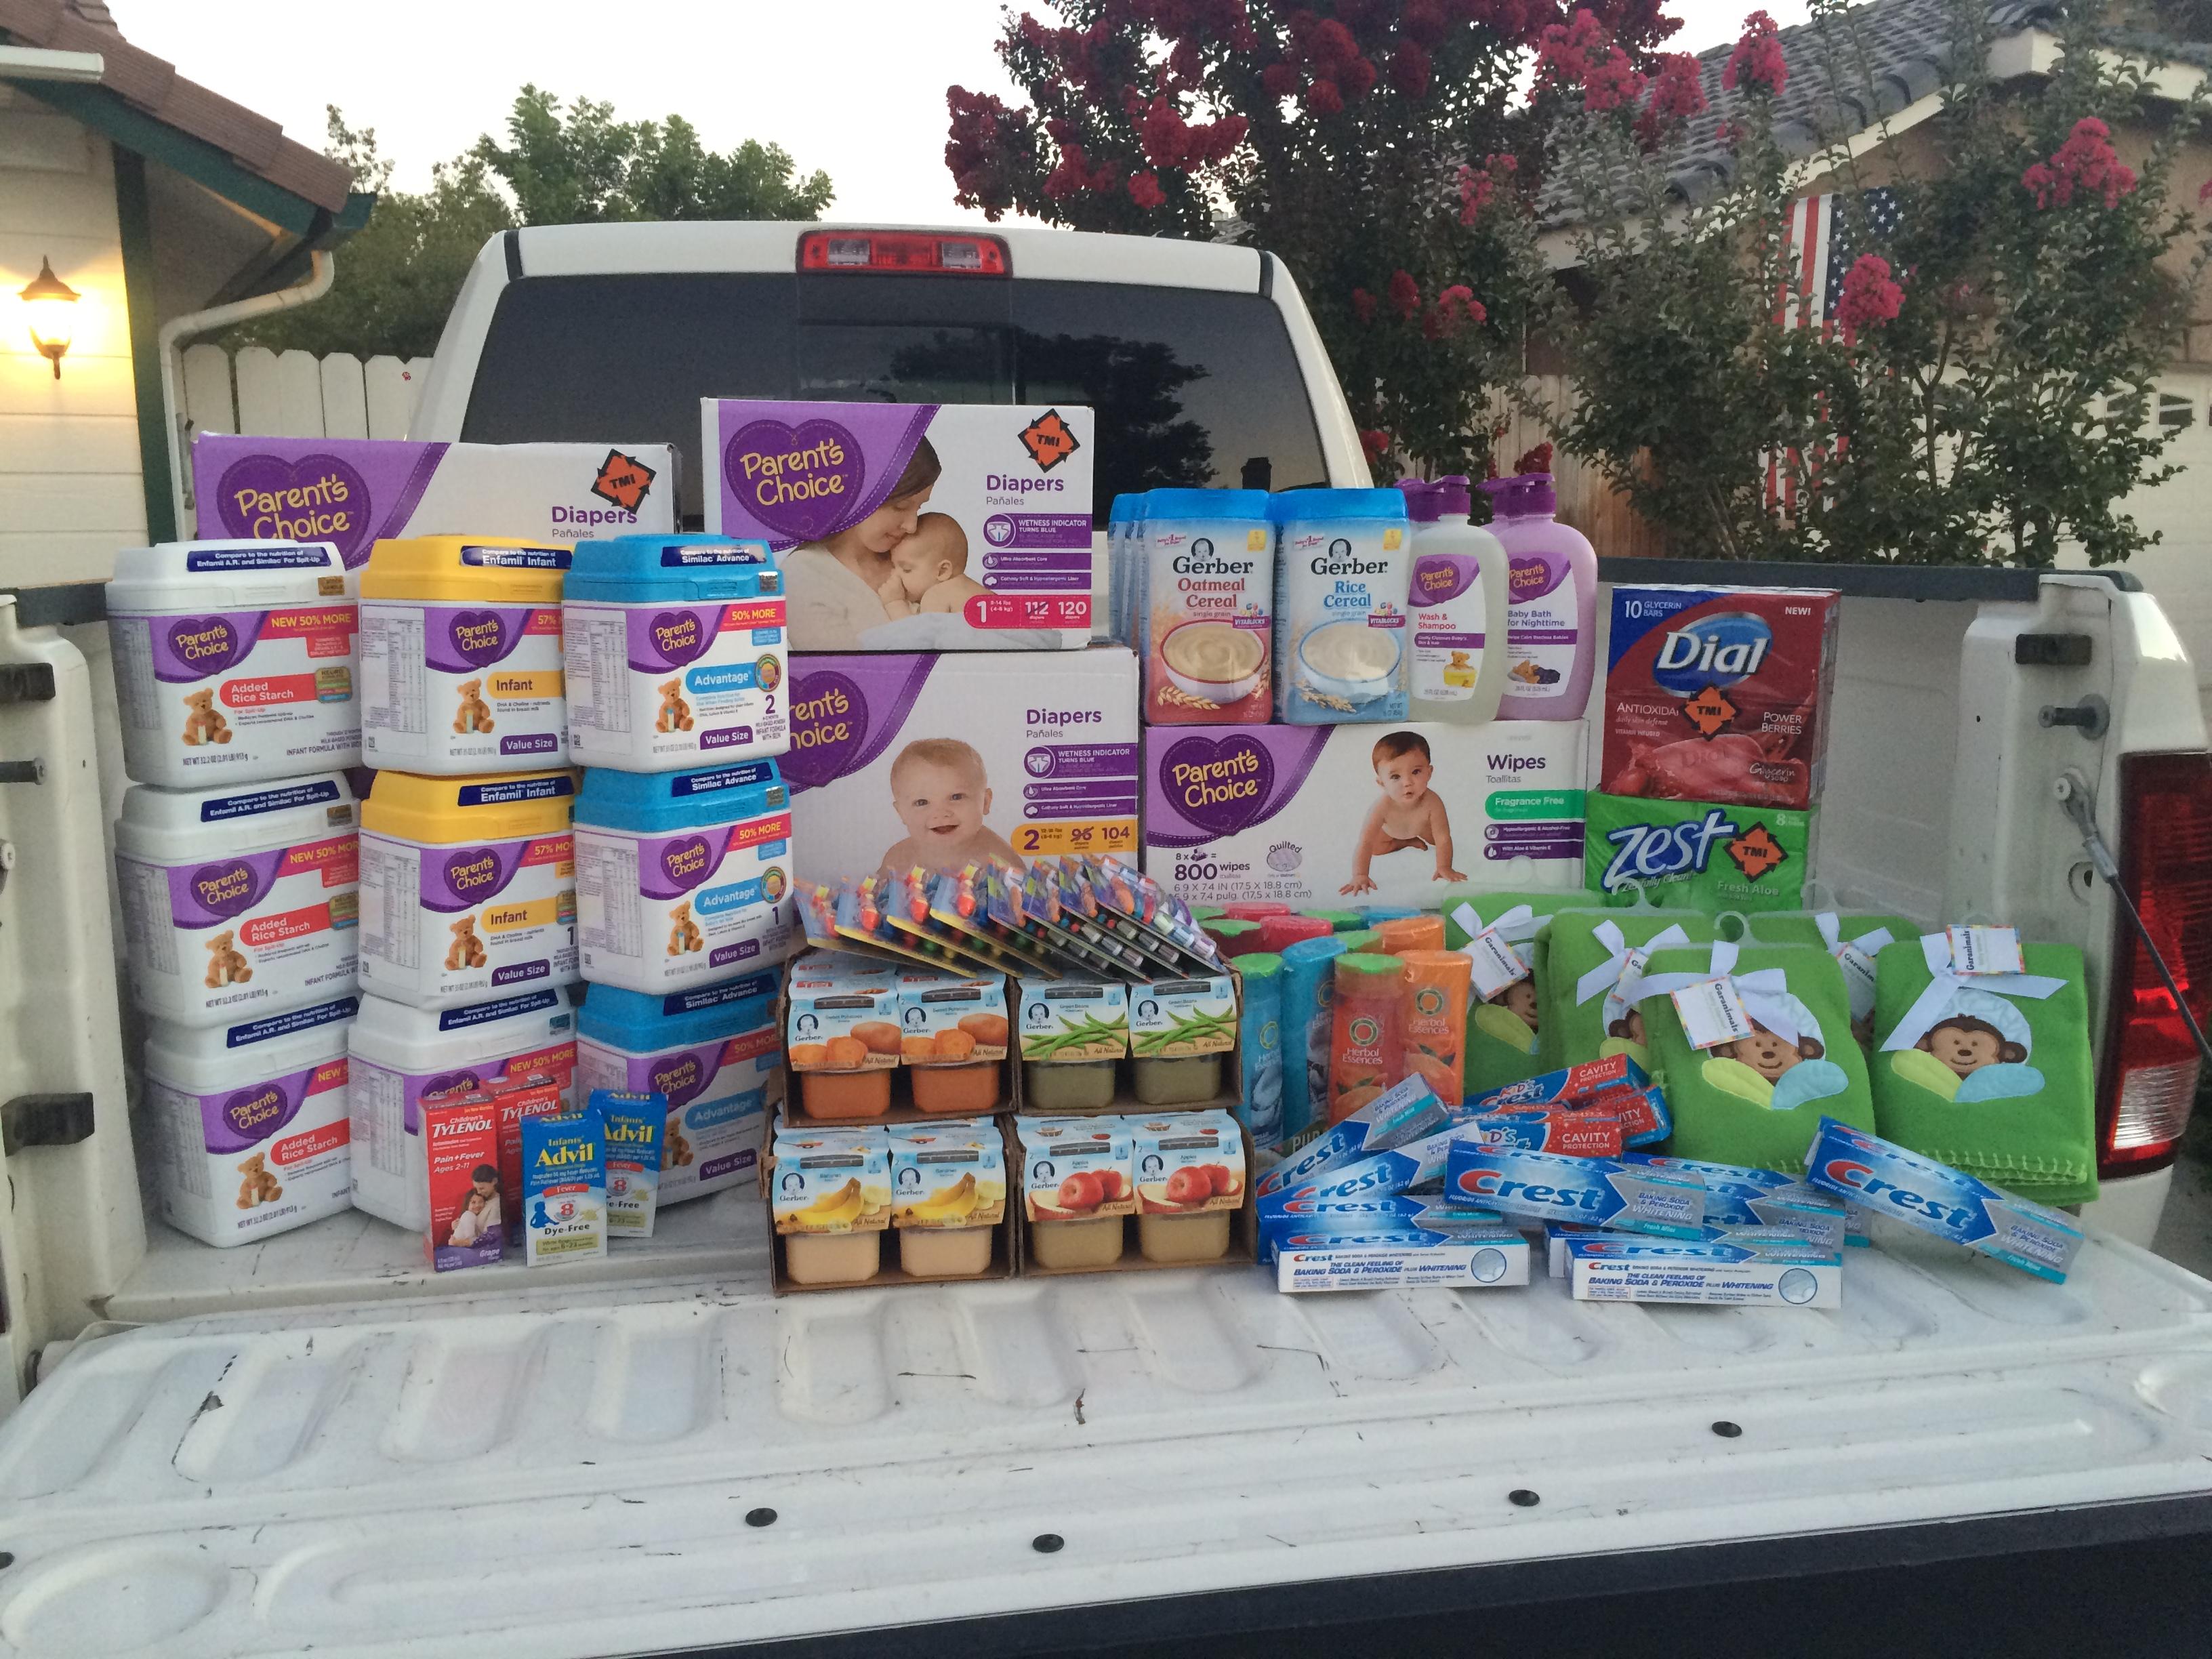 Help for Erskine Fire, Bakersfield